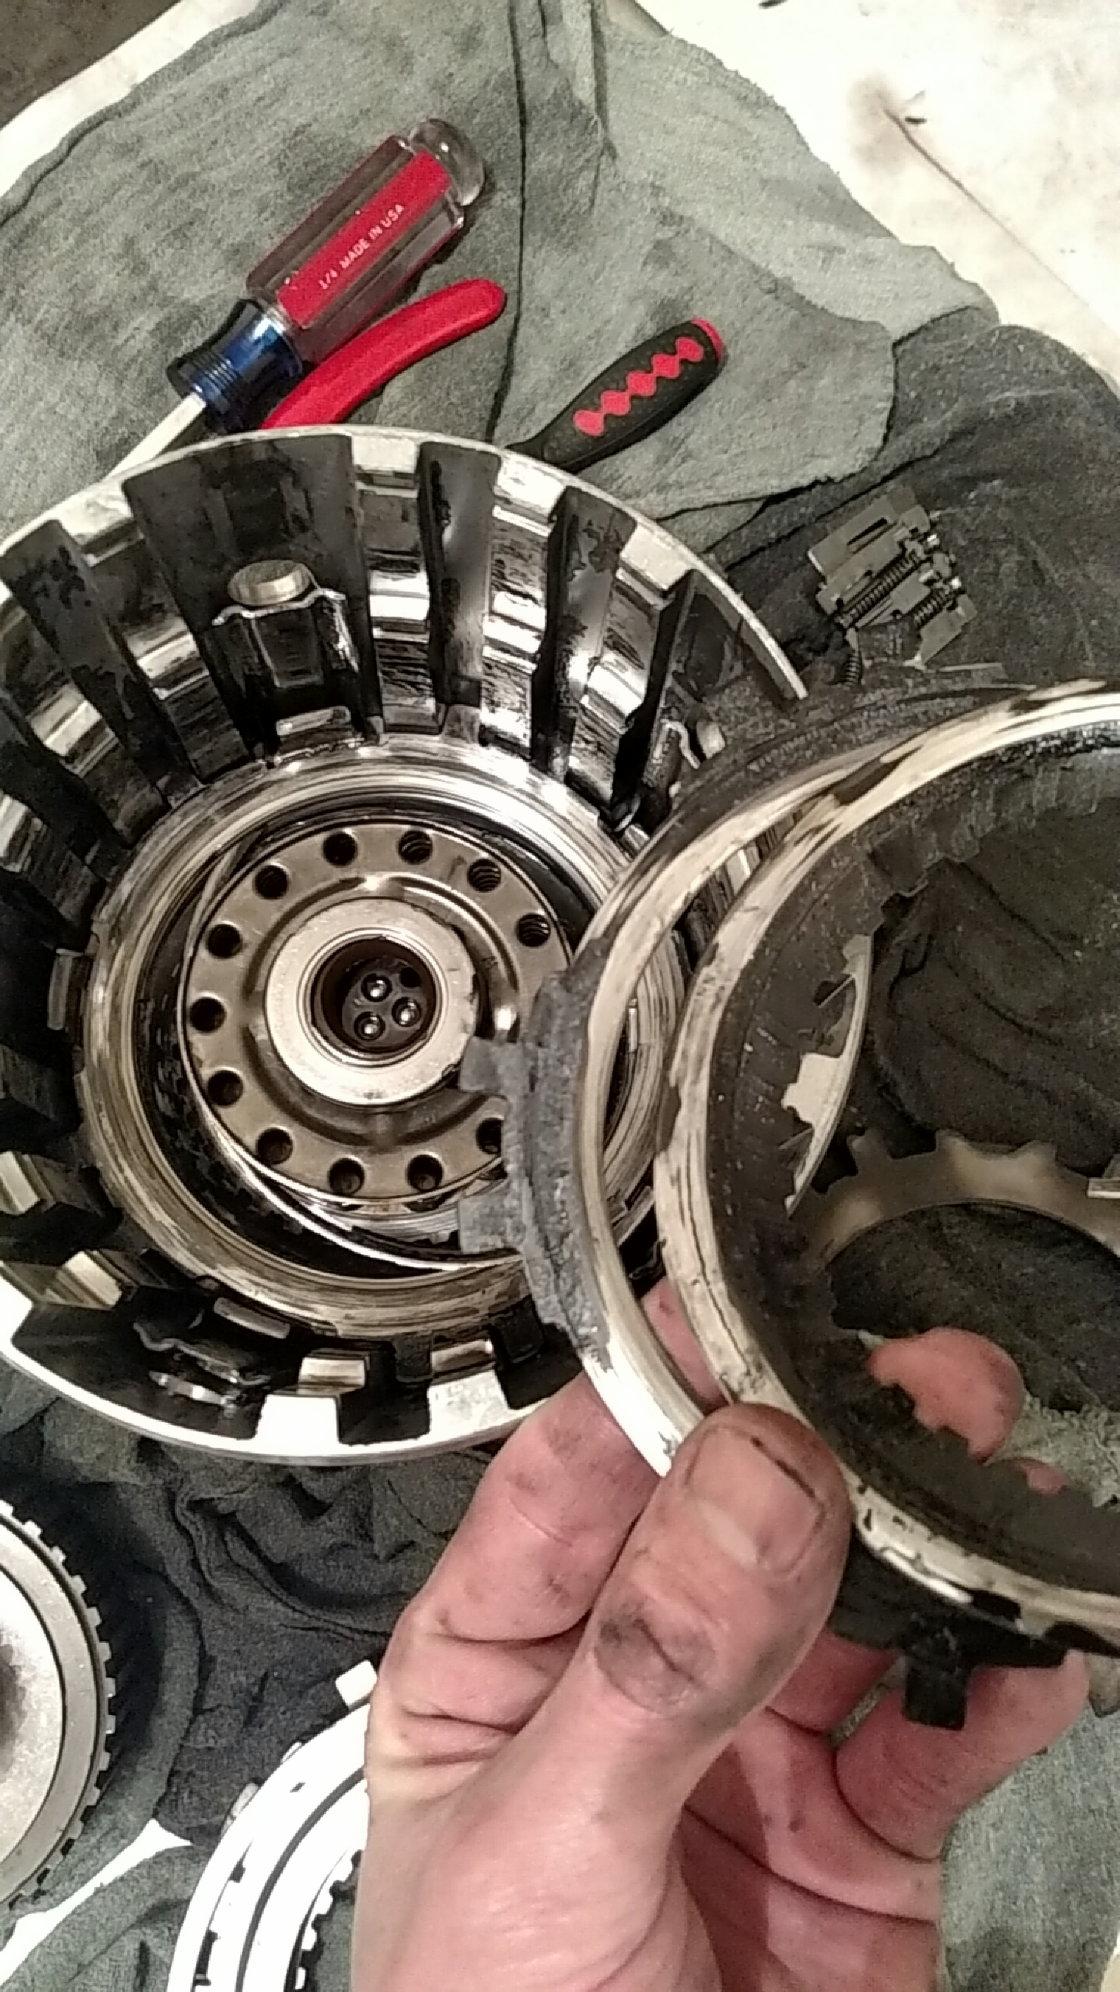 4L60E Rebuild after 3-4 Clutch Failure, still failing